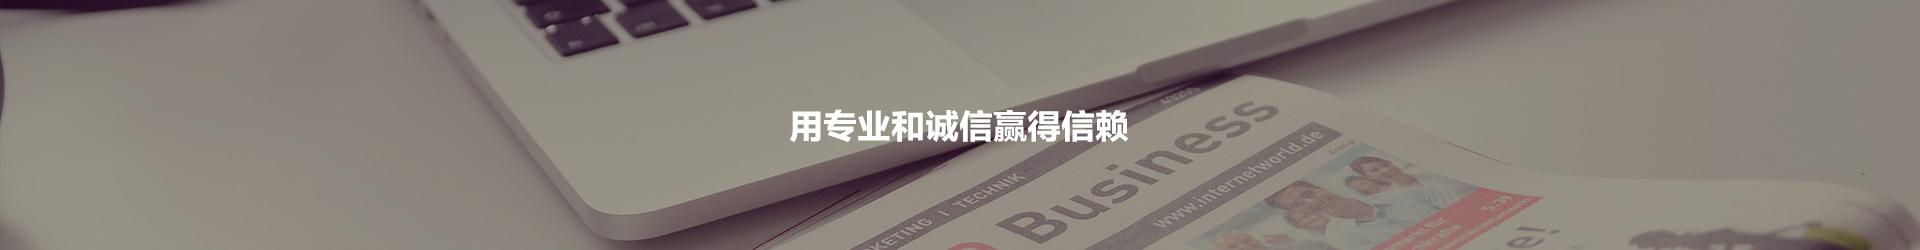 加入我们_关于我们_山东普邦信息技术有限公司官方网站